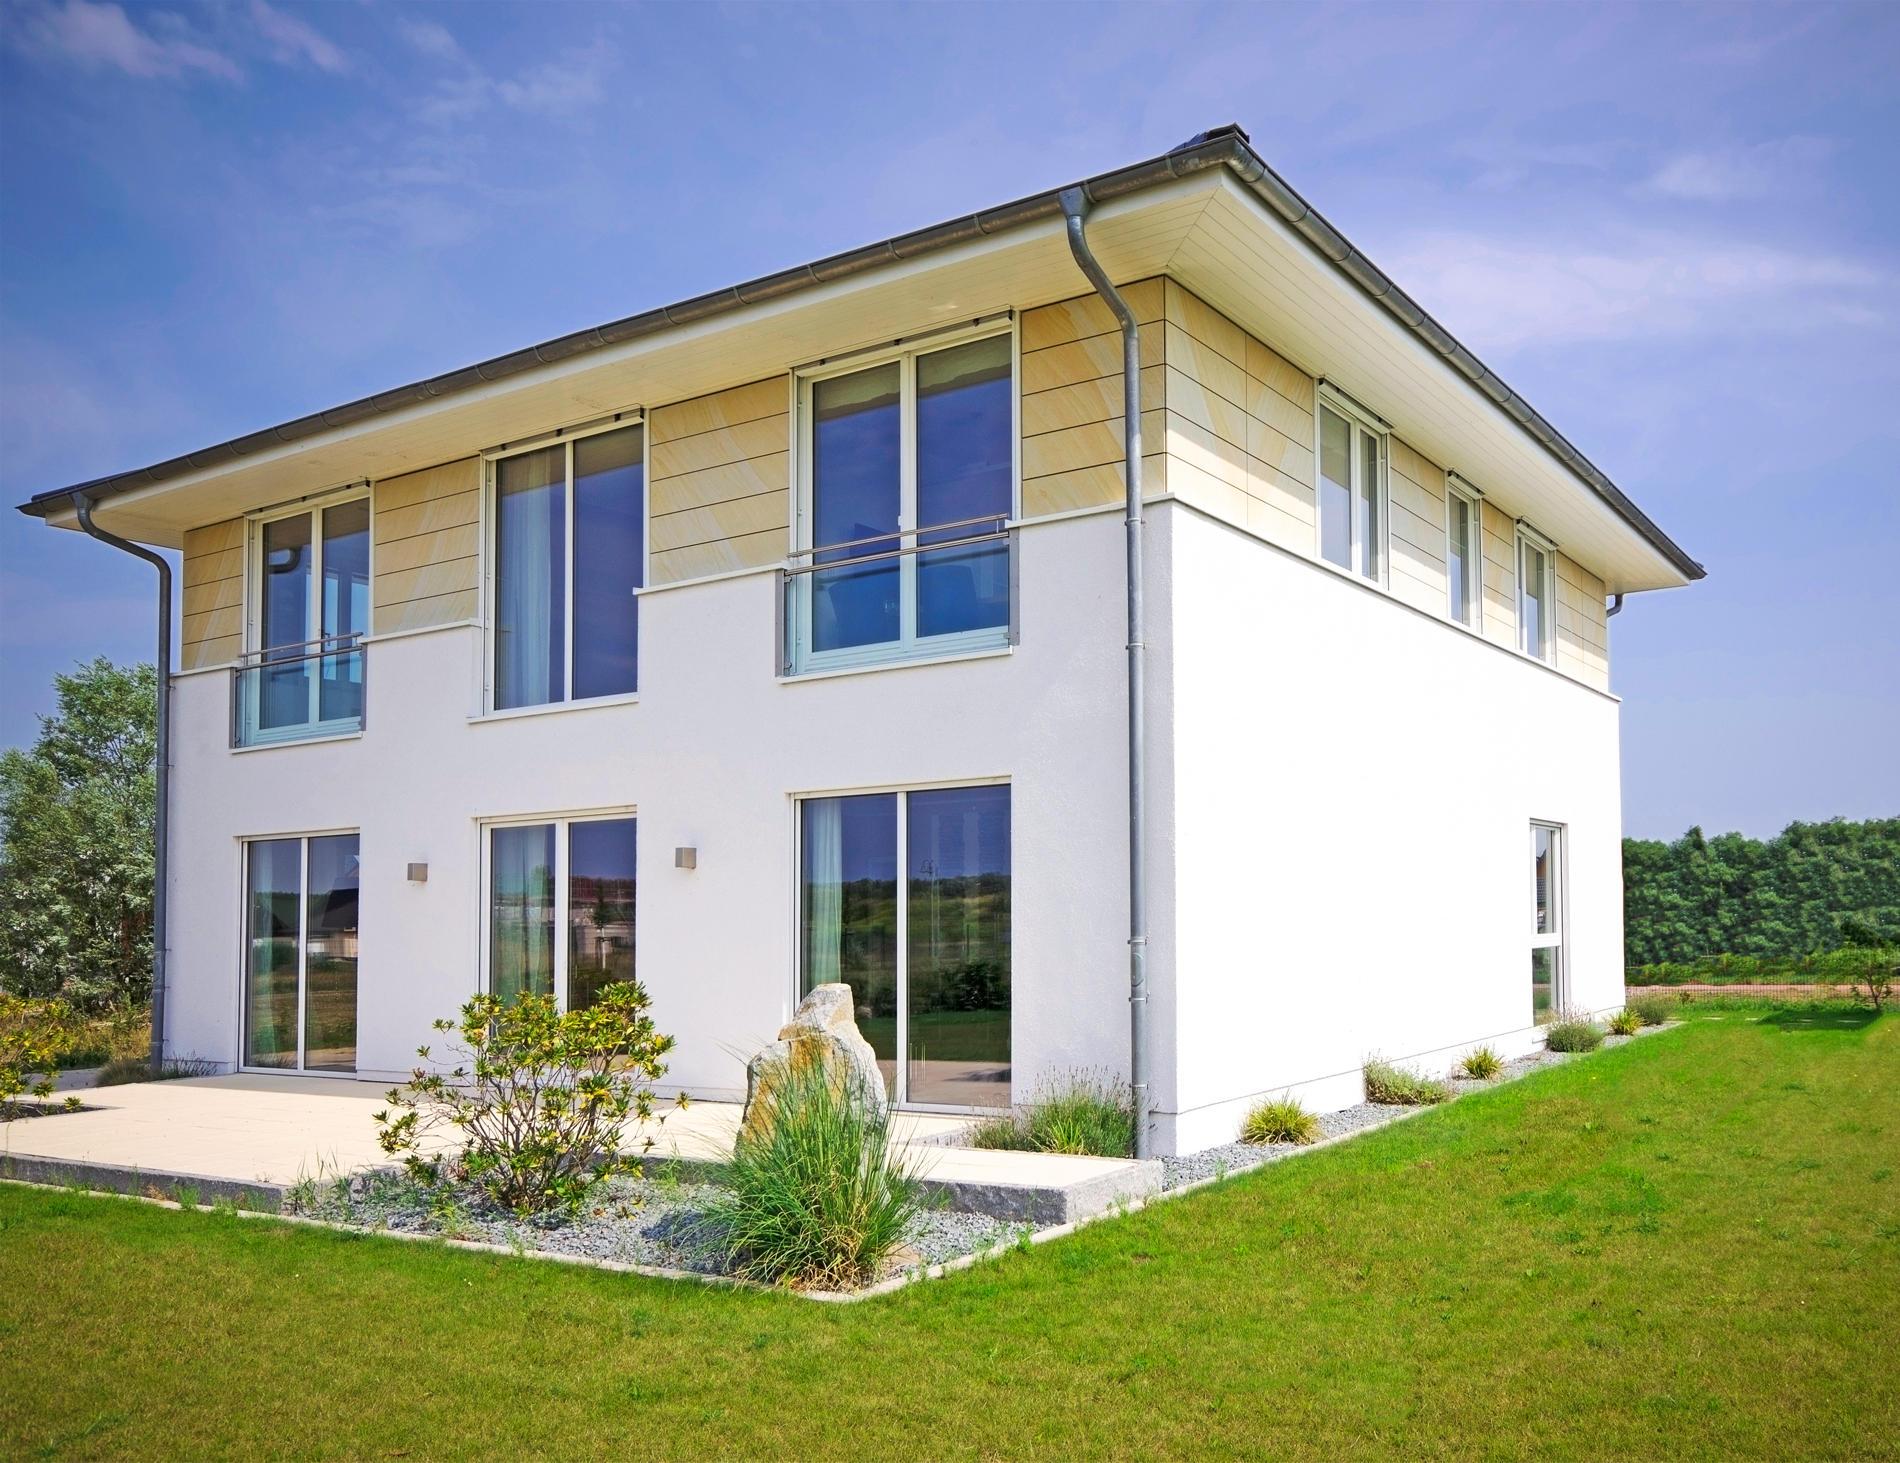 Grundriss stadtvilla 200 qm  Stadtvilla 198 - Stadtvilla Grundriss modern mit knapp 200 qm